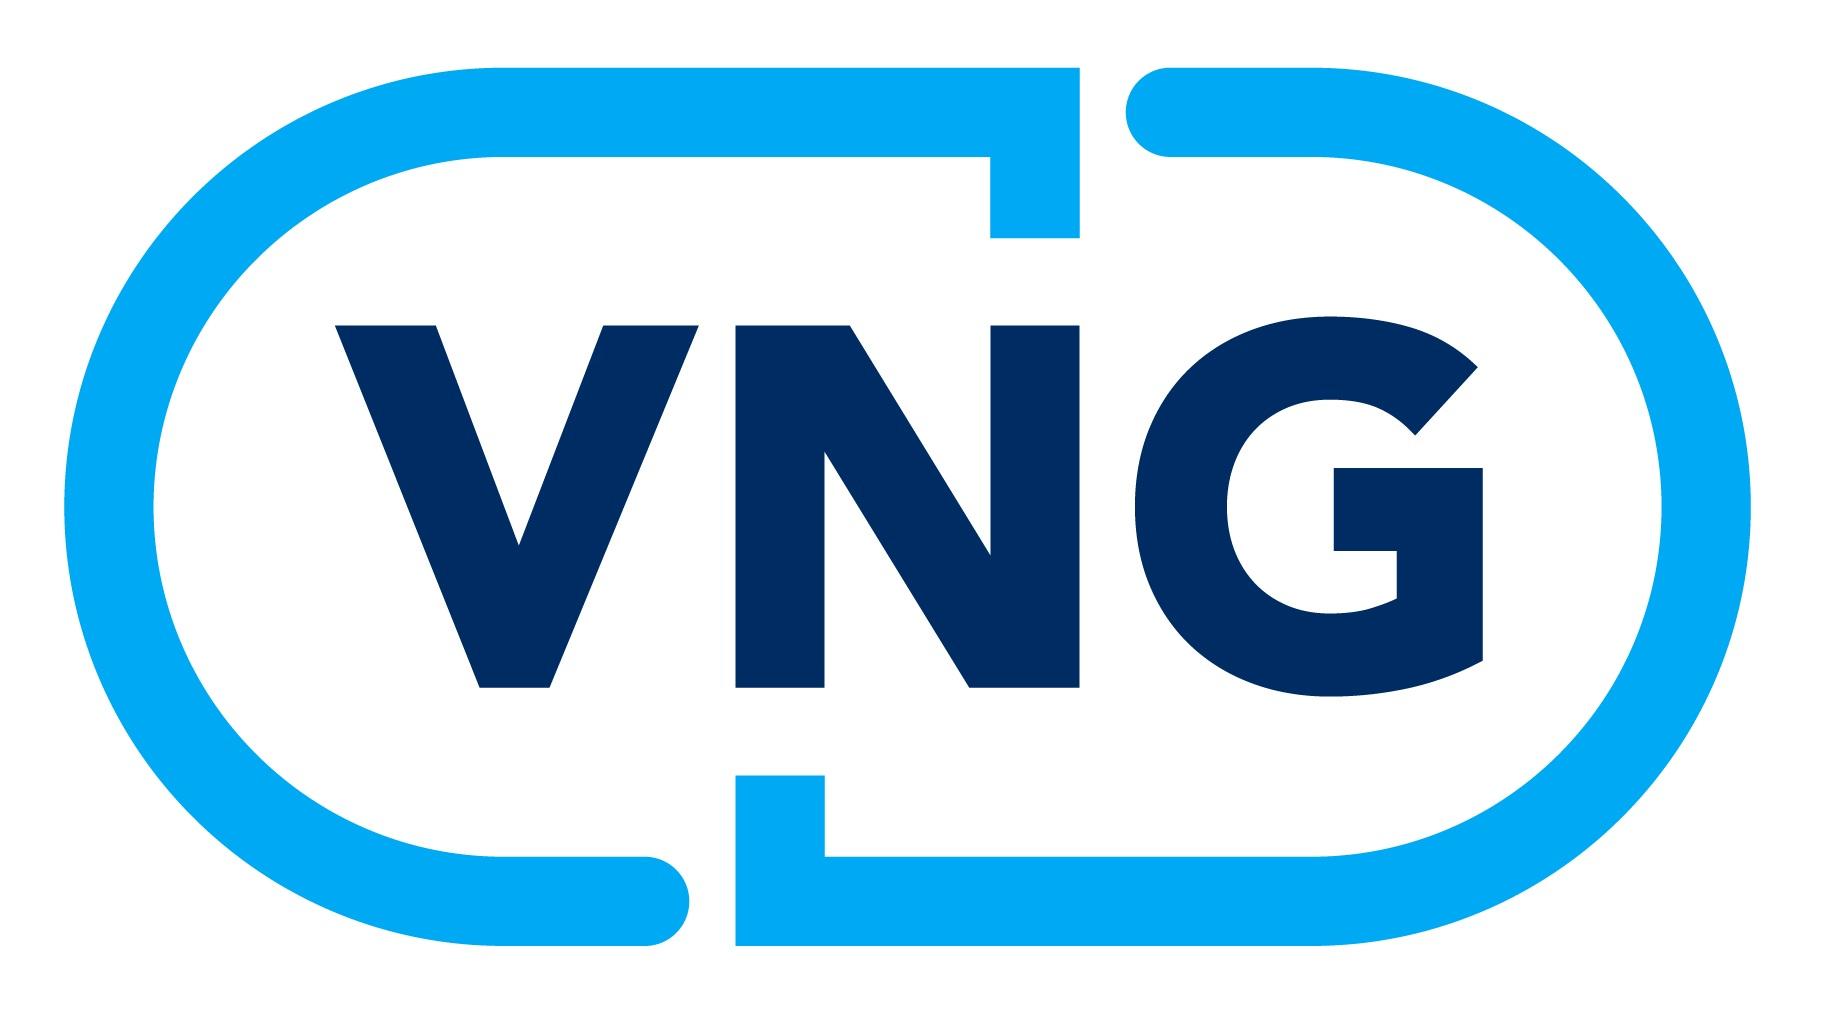 Vereniging van Nederlandse Gemeenten (VNG)